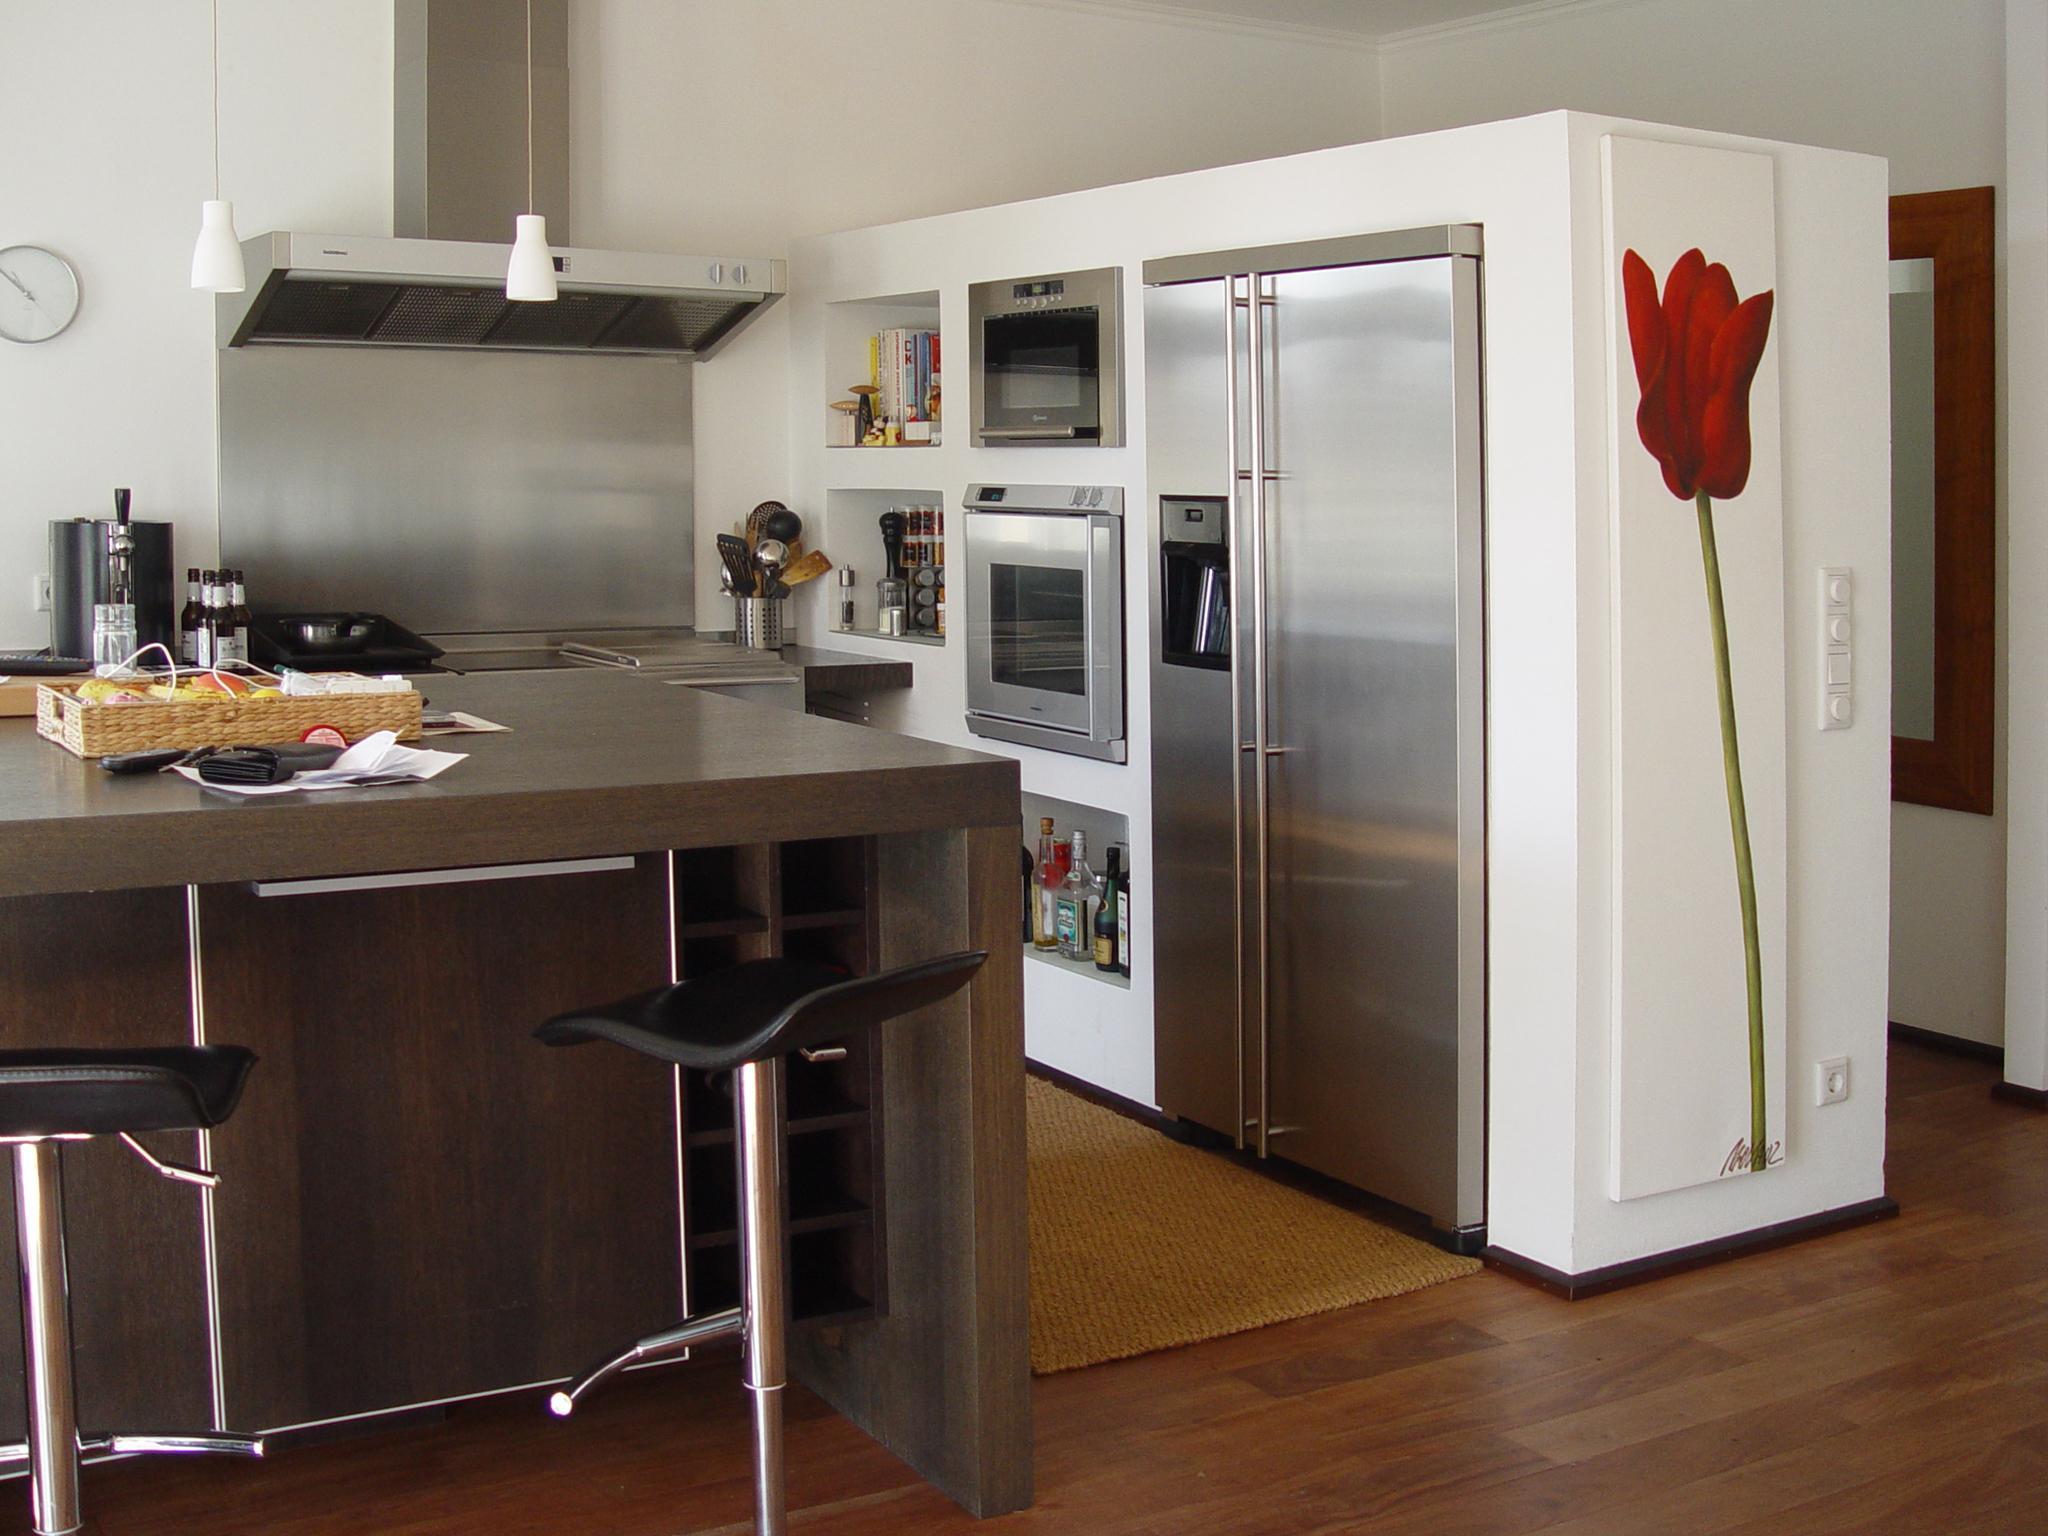 Side By Side Kühlschrank Verbauen : Backofen neben kuehlschrank: küchenzeile mit herd backofen und